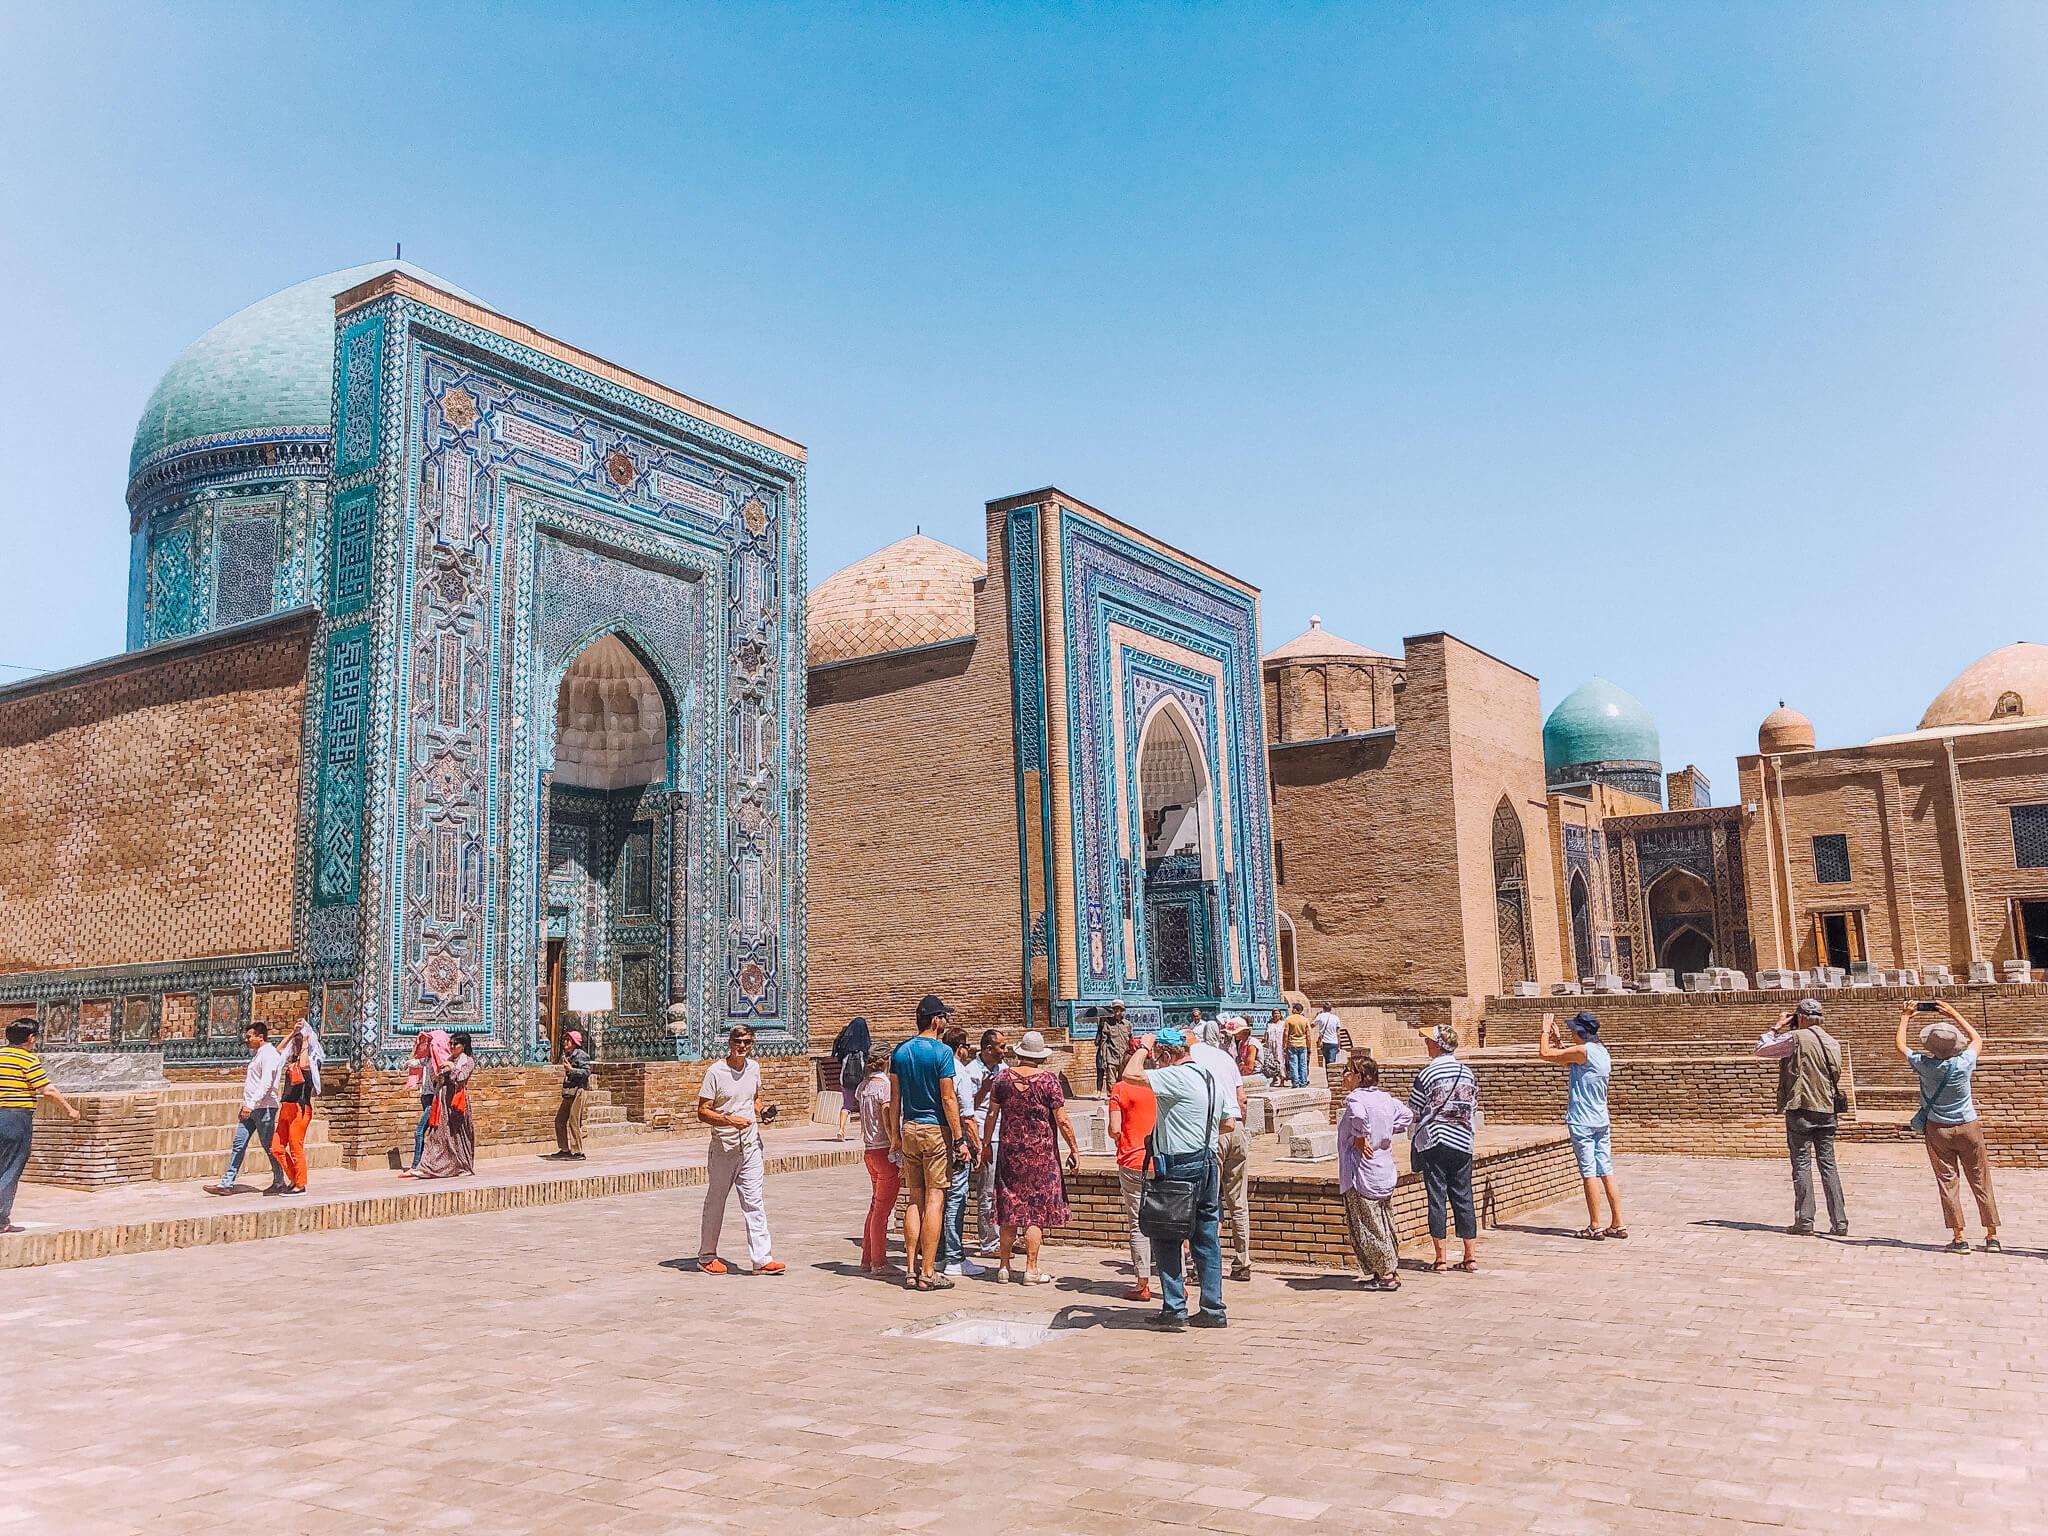 Marvelous Shah-I-Zinda